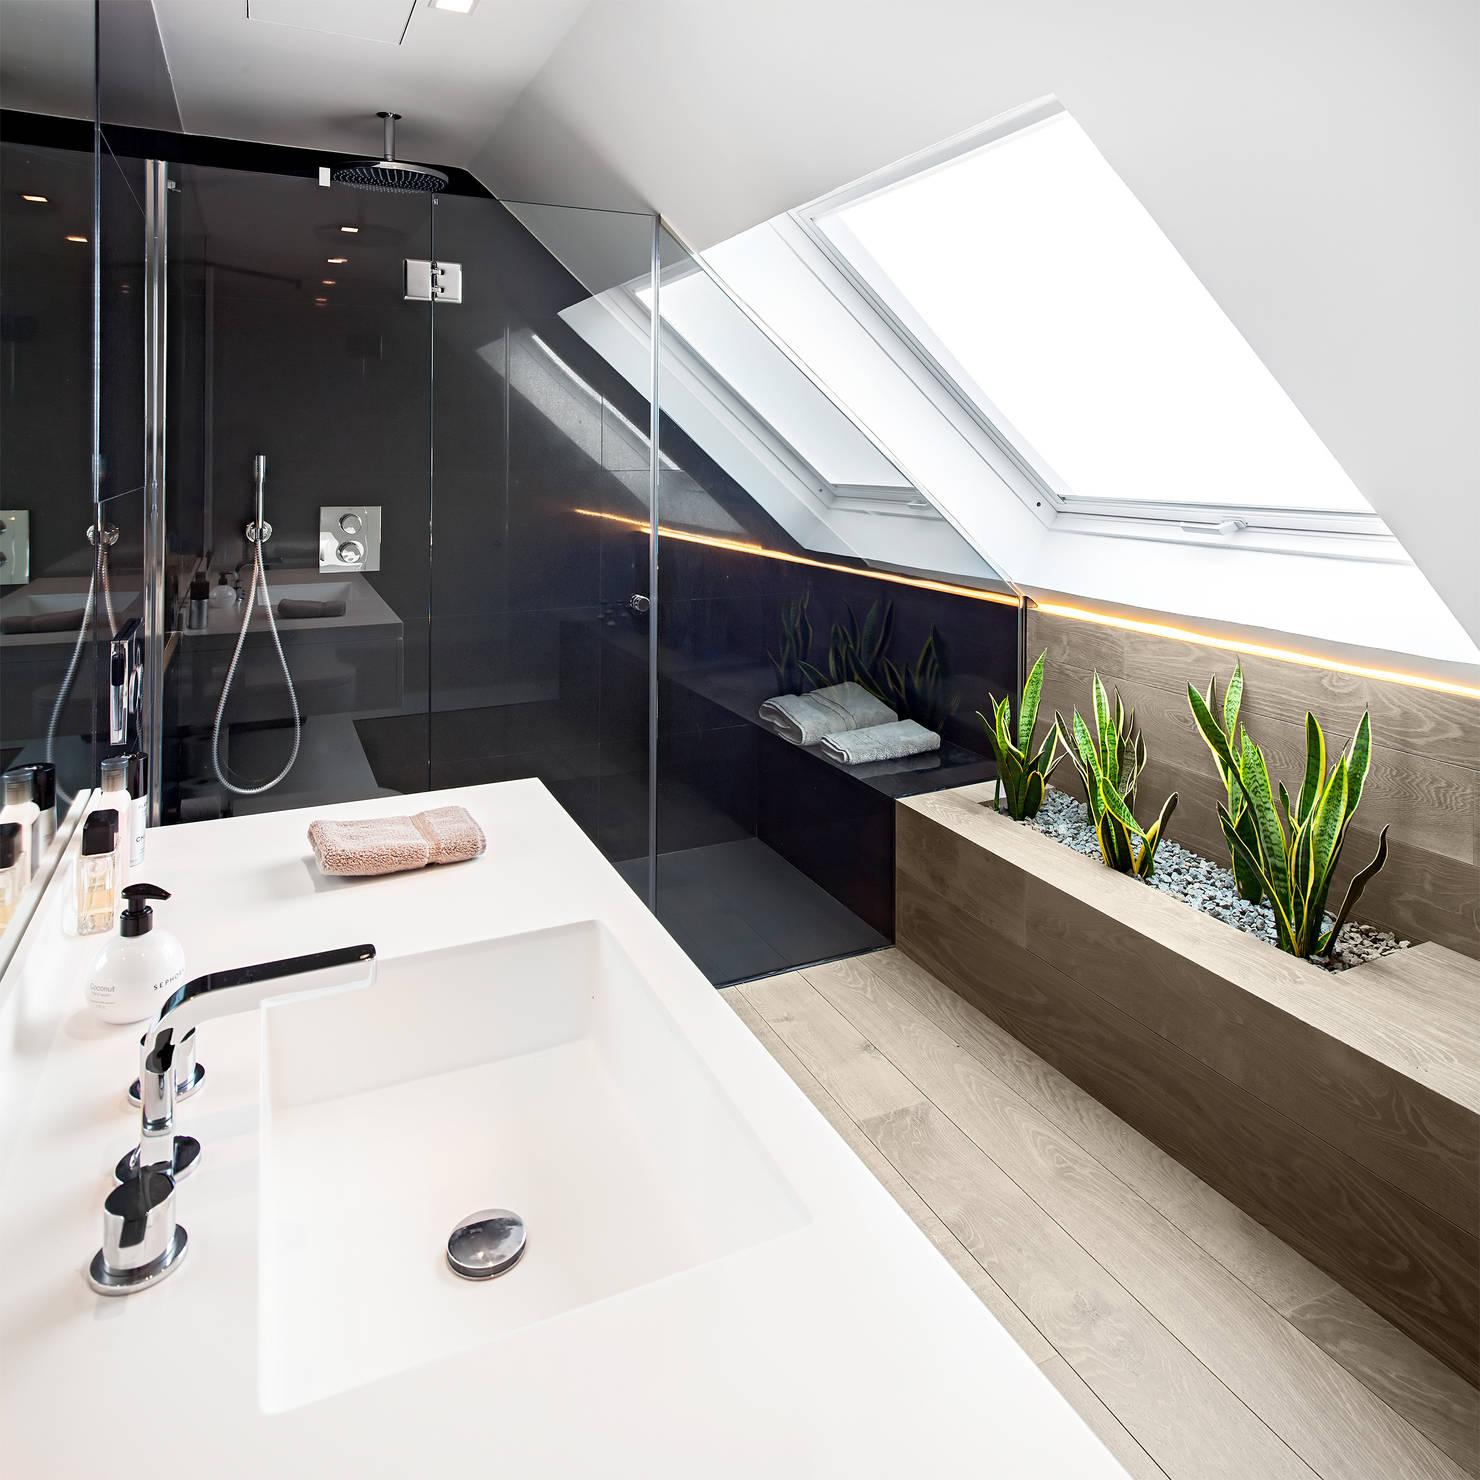 Badezimmer putzen: In 4 Schritten zum blitzblanken Bad